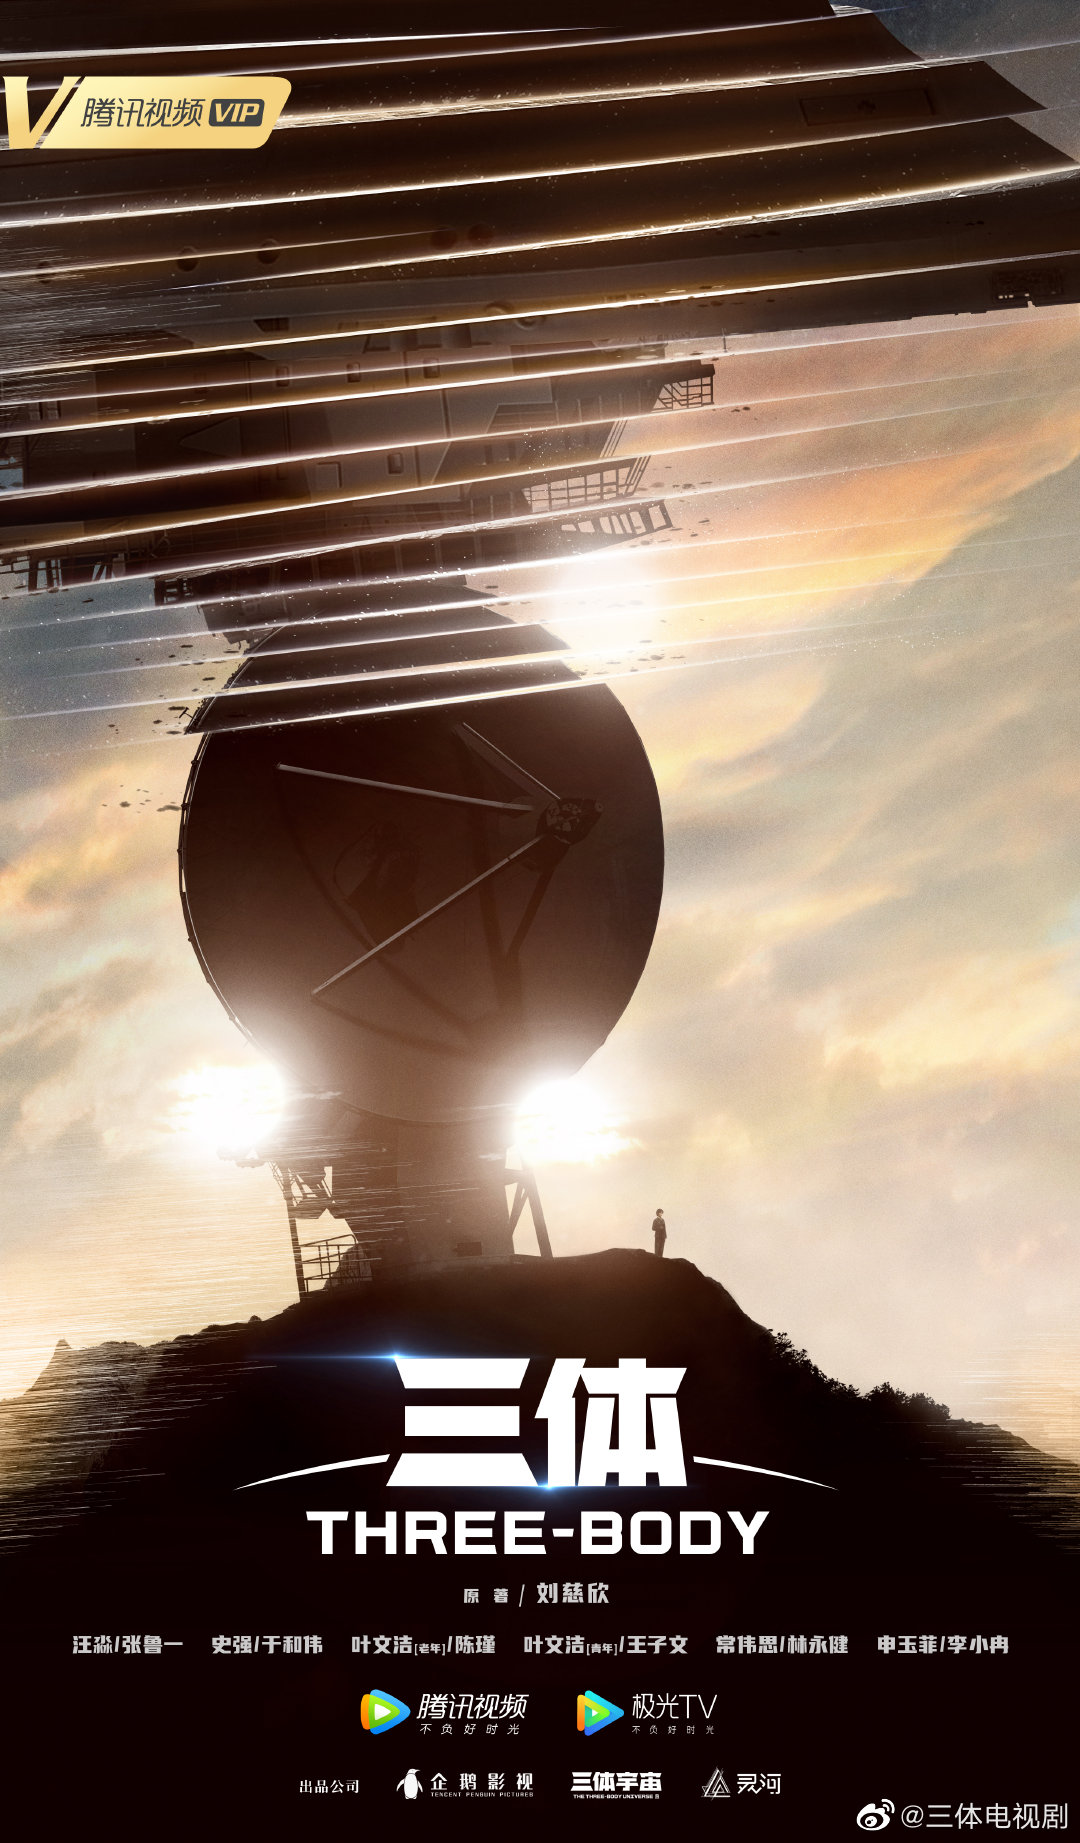 【亿兴代理】官宣阵容张鲁一于和伟亿兴代理图片